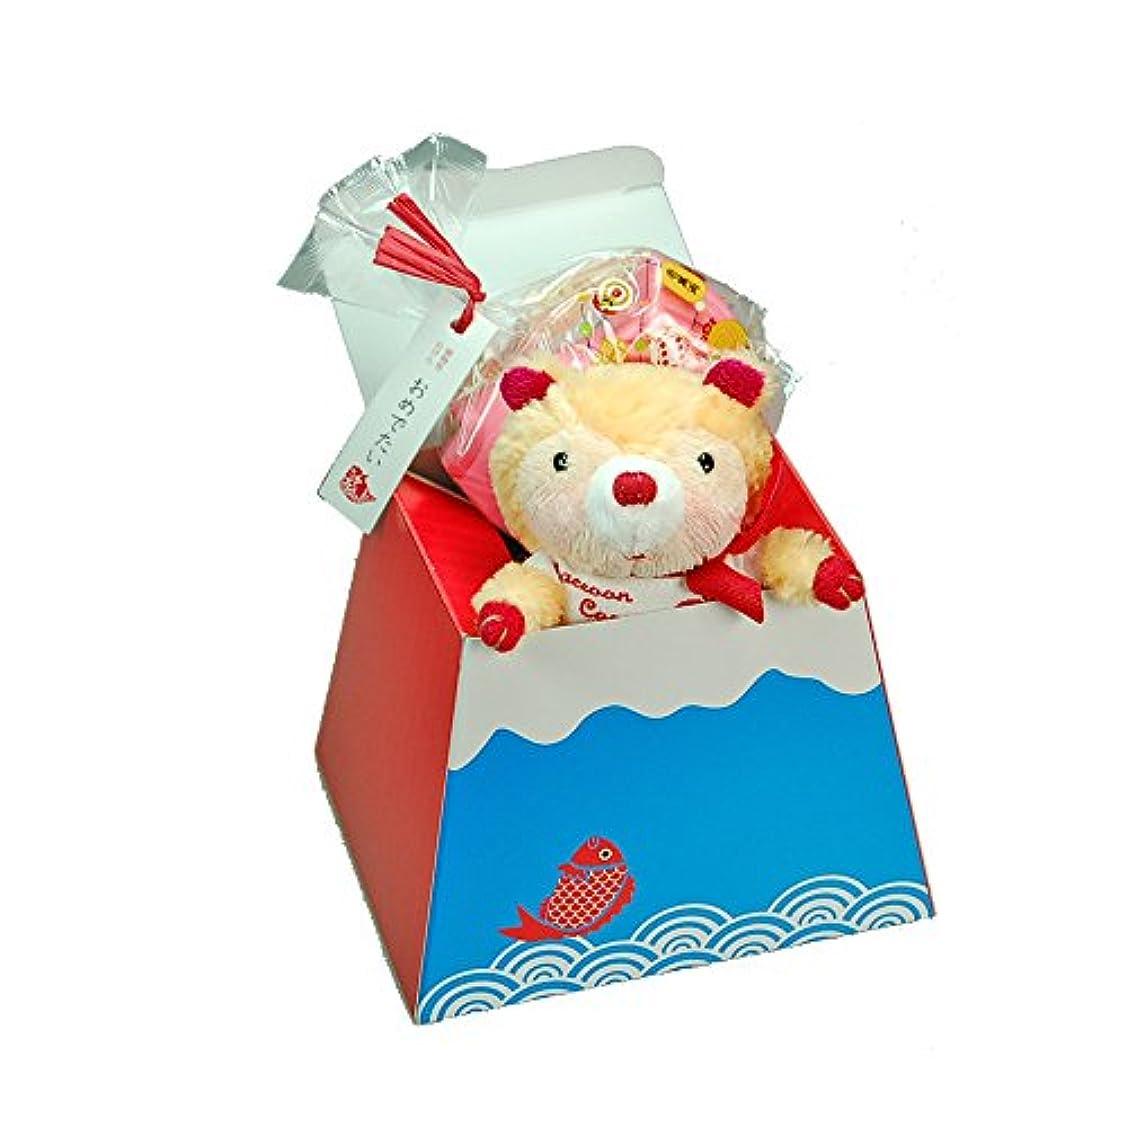 外交官時計回りフライトプチギフト リトルマスコット 鯛 石けん 富士山ラッピング付き 誕生日プレゼント お祝い 入学 卒業  (リトルセット)